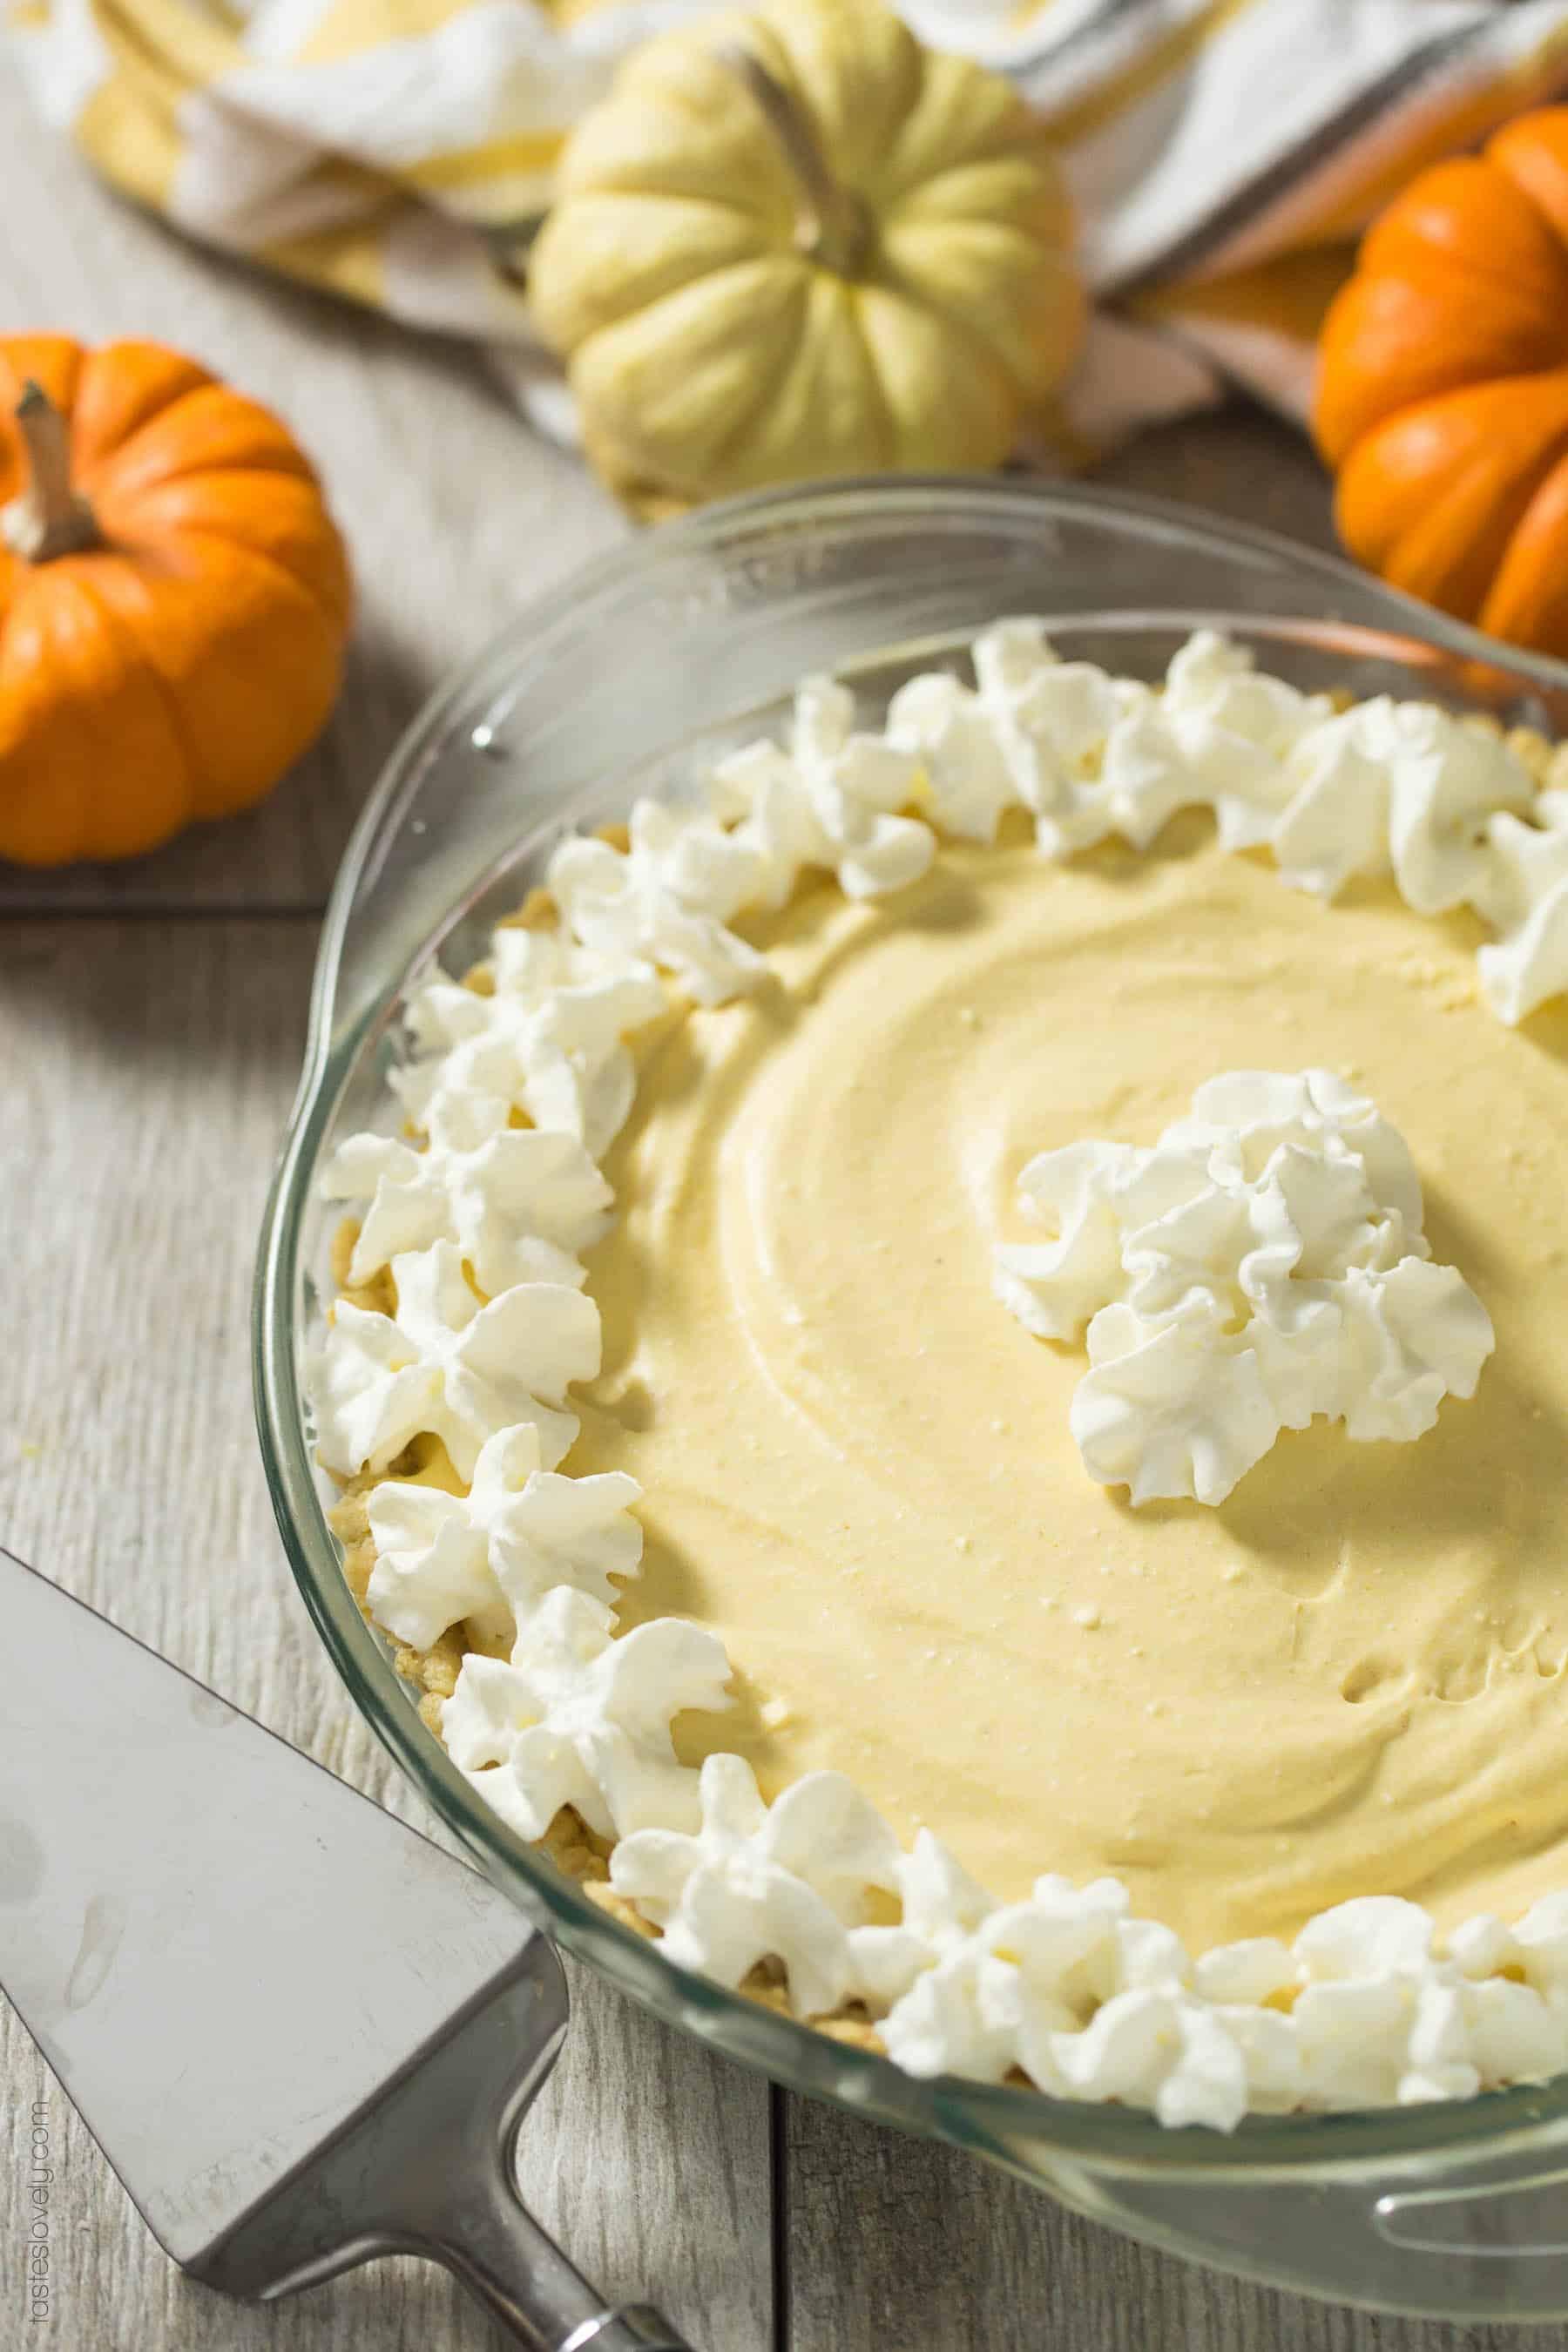 Paleo Pumpkin Cream Pie (gluten free, dairy free, refined sugar free and healthy dessert)